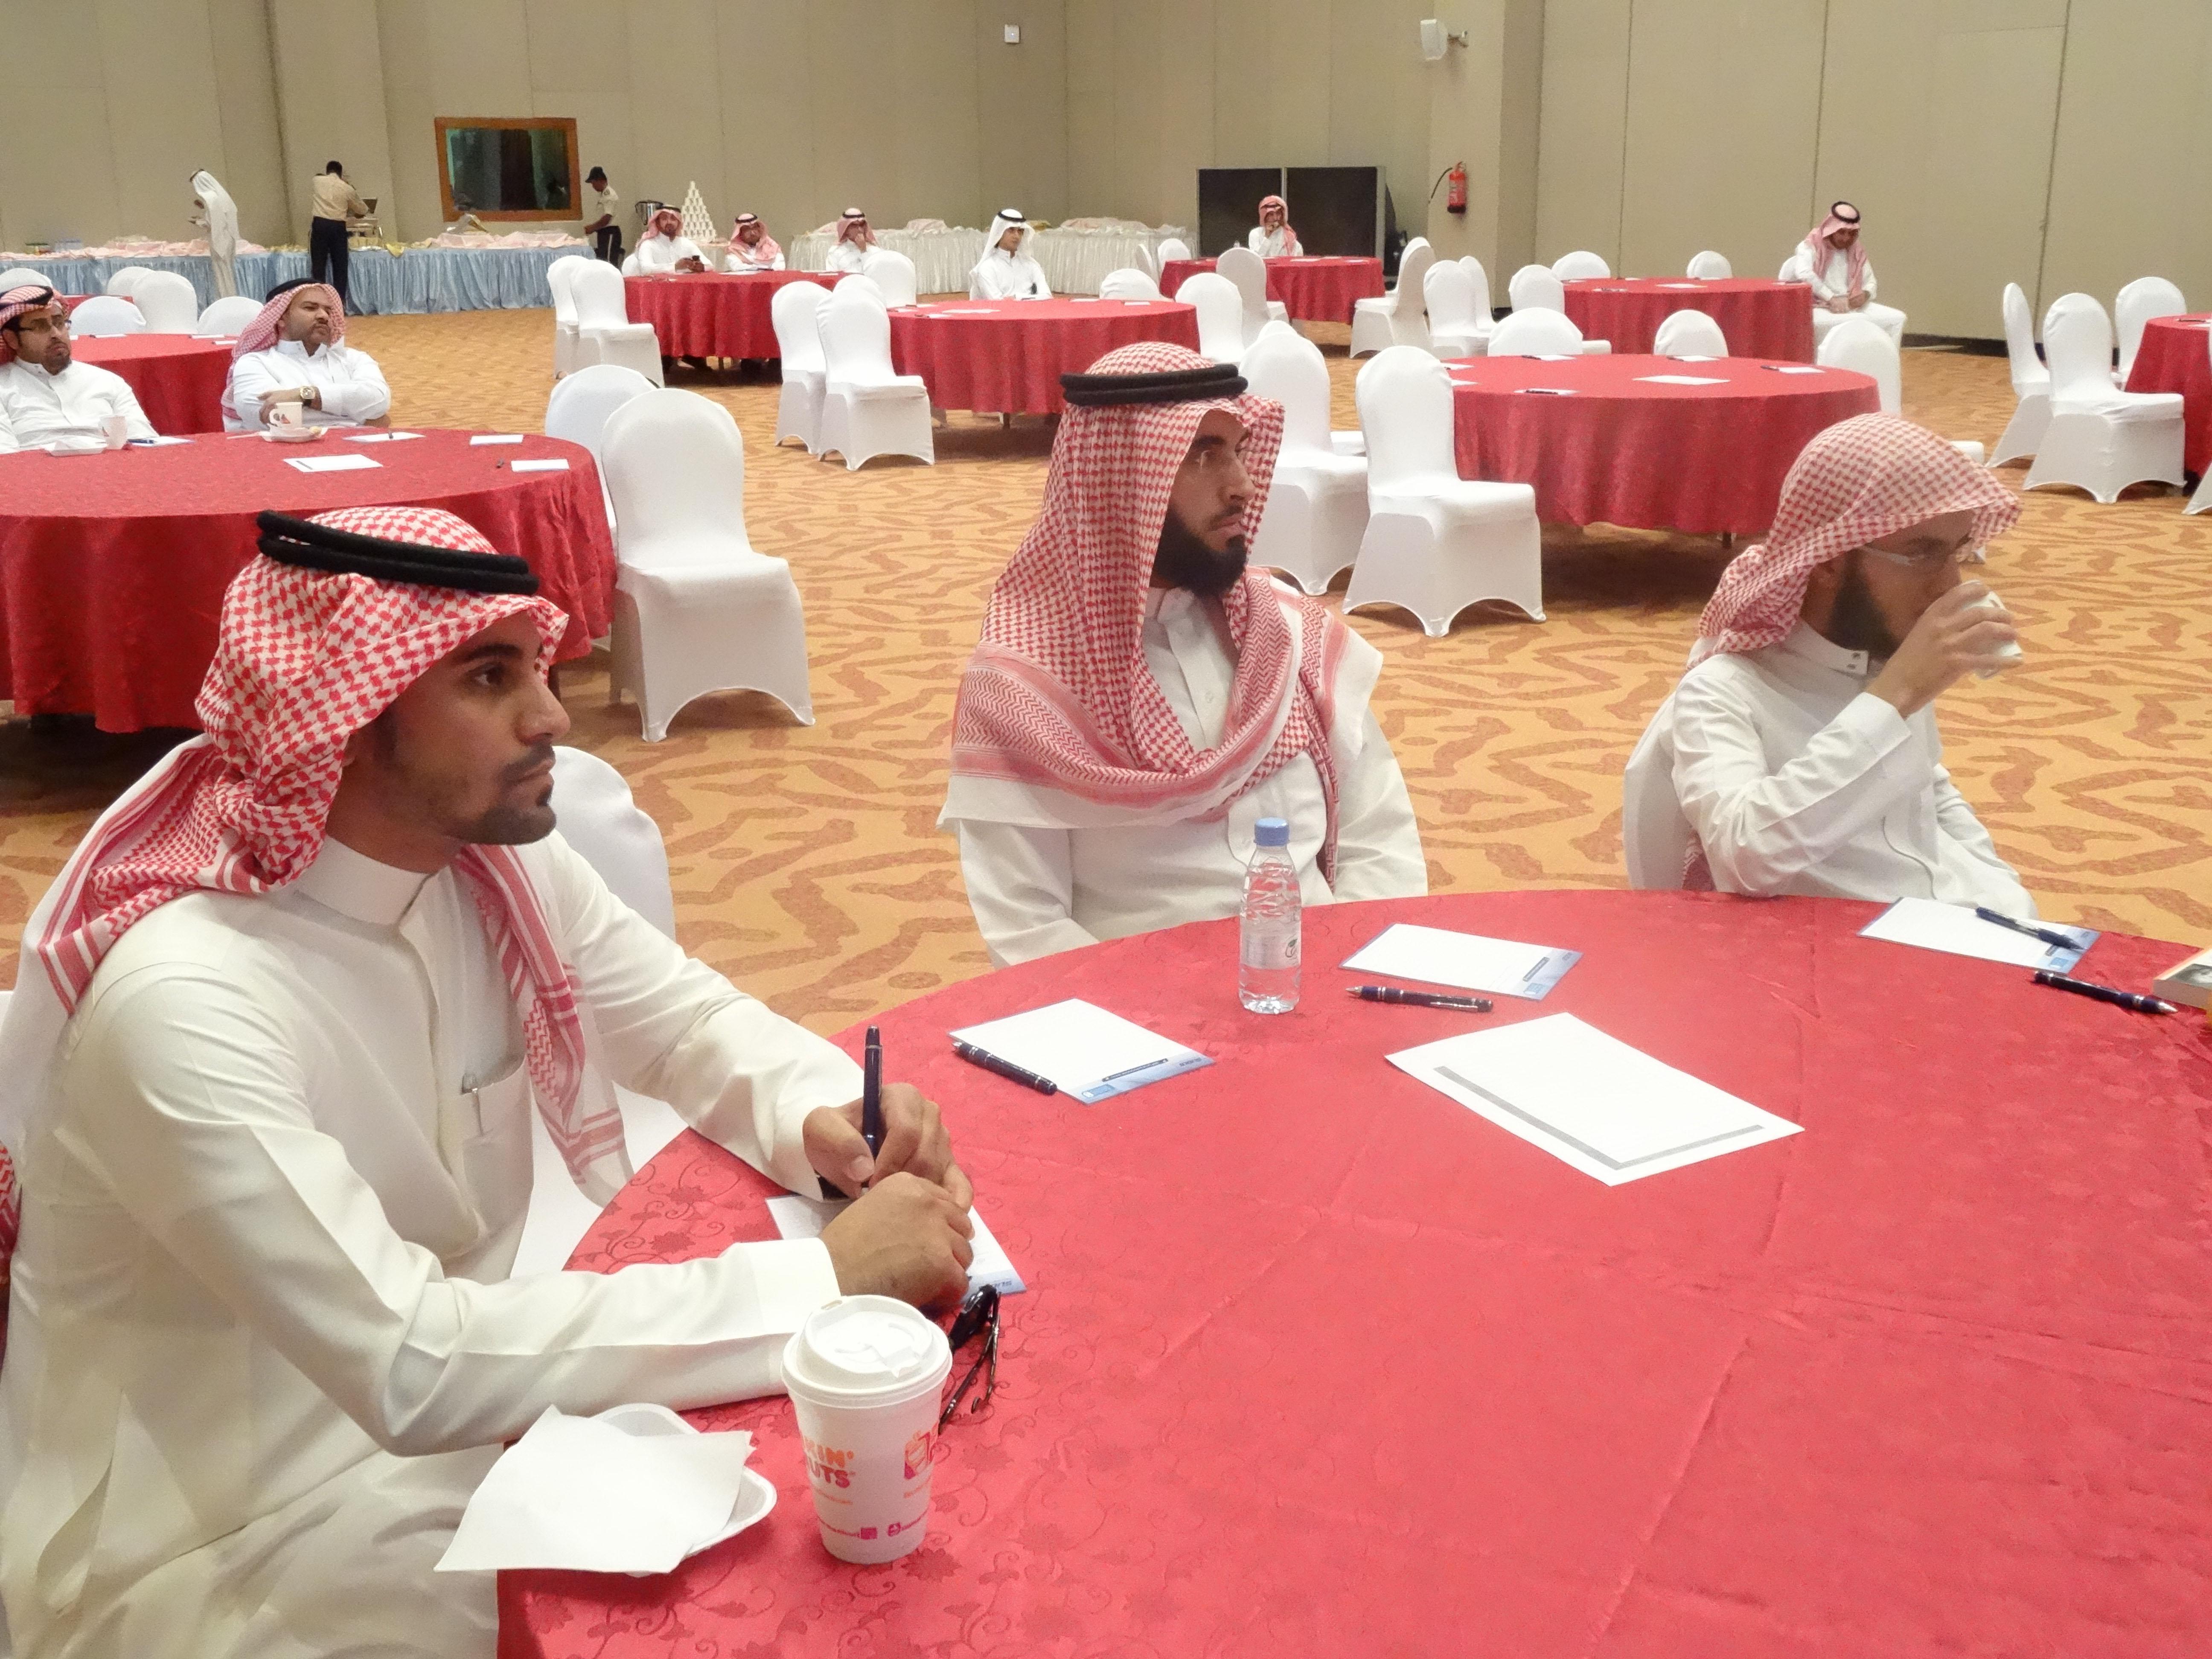 ورشة عمل منتدى الابتعاث والمبتعثين الاول بجامعة الملك سعود